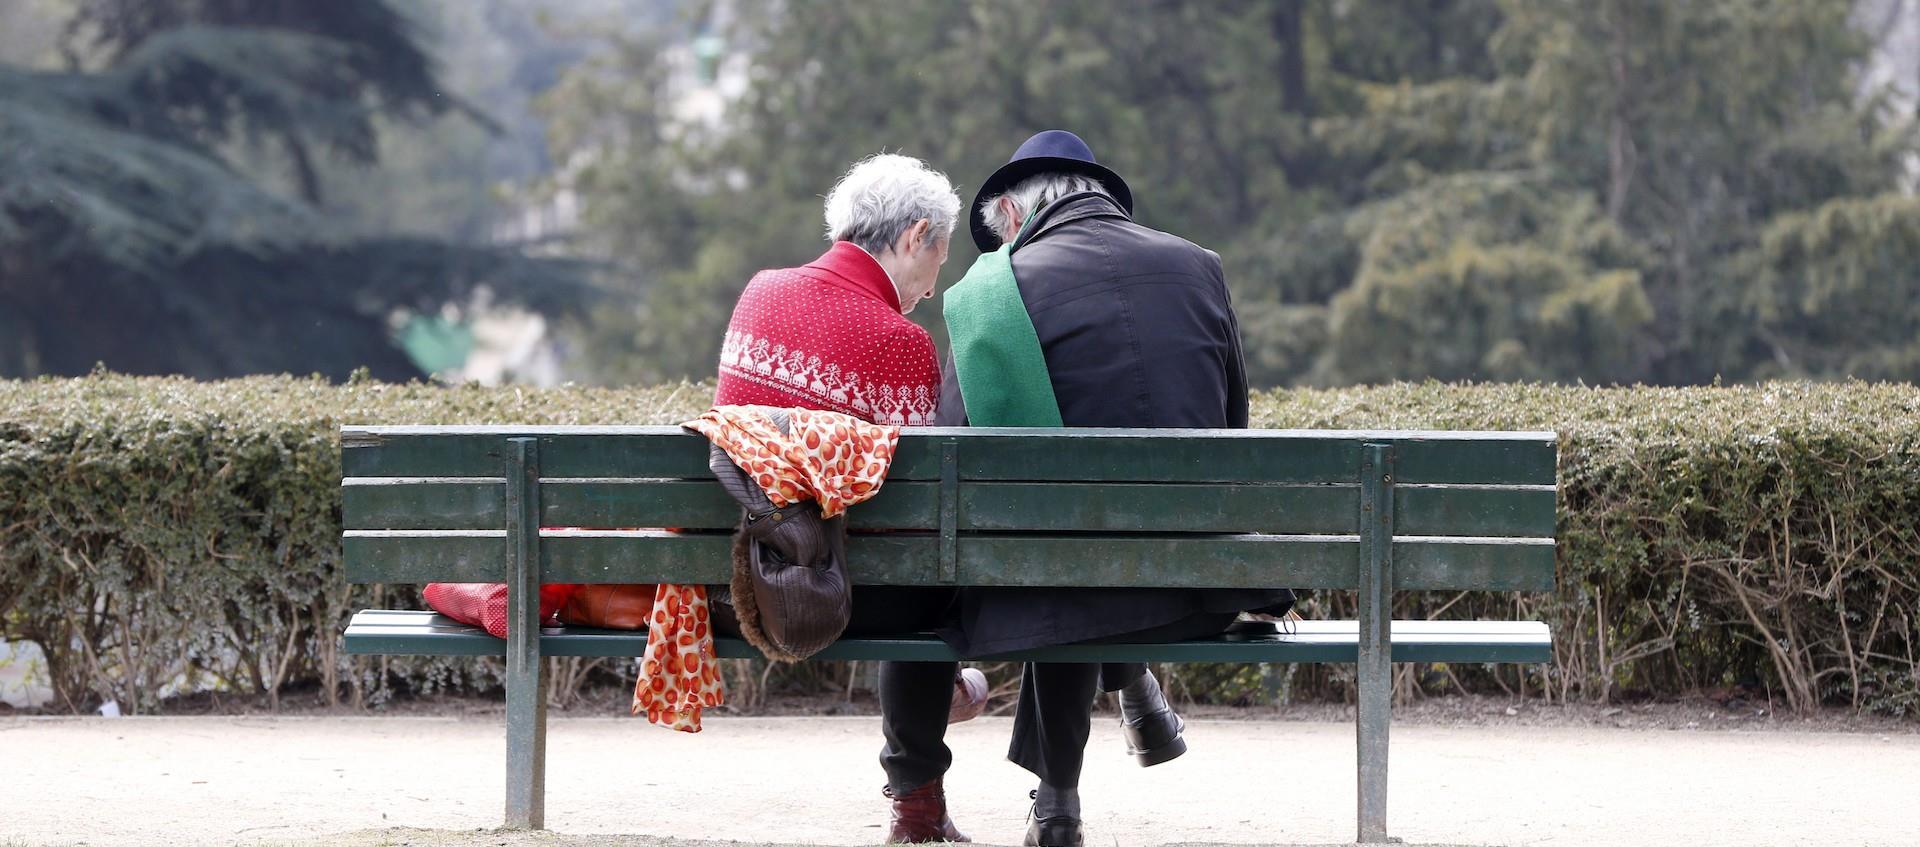 El recorte de las pensiones podría llegar antes de lo previsto